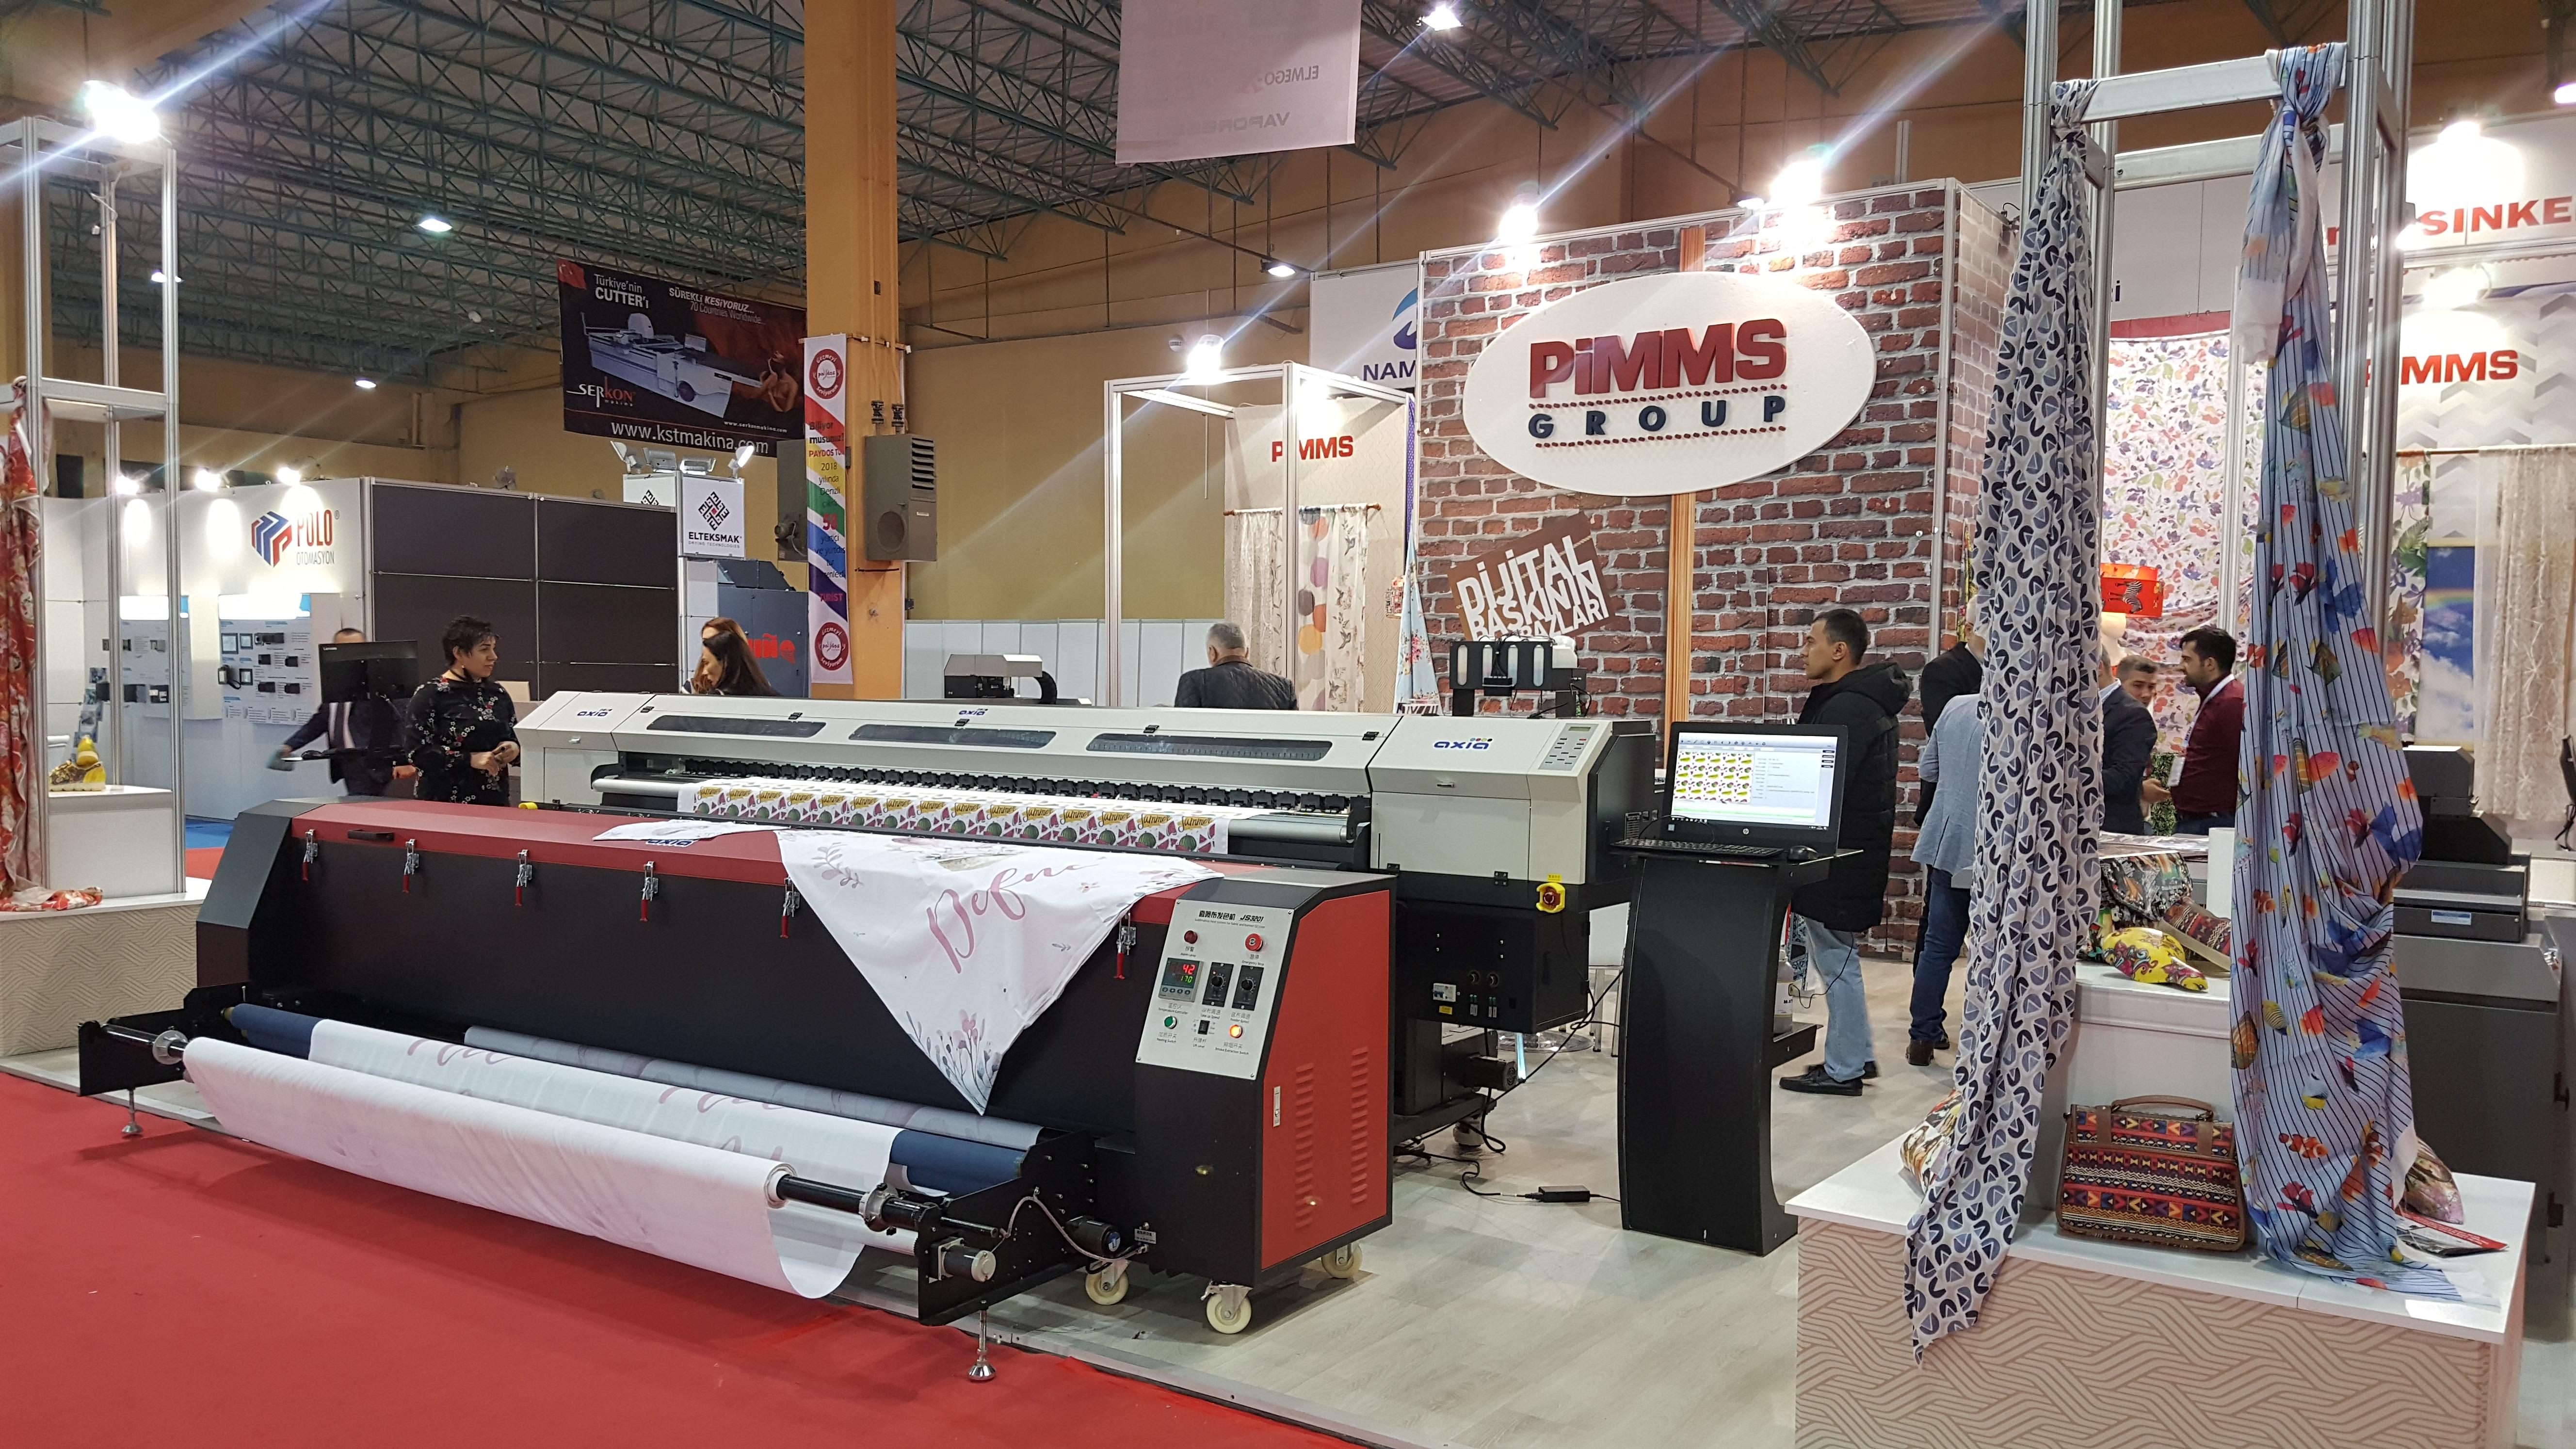 PİMMS Group Denizli'de Tekstil Baskı Şovu Yaptı